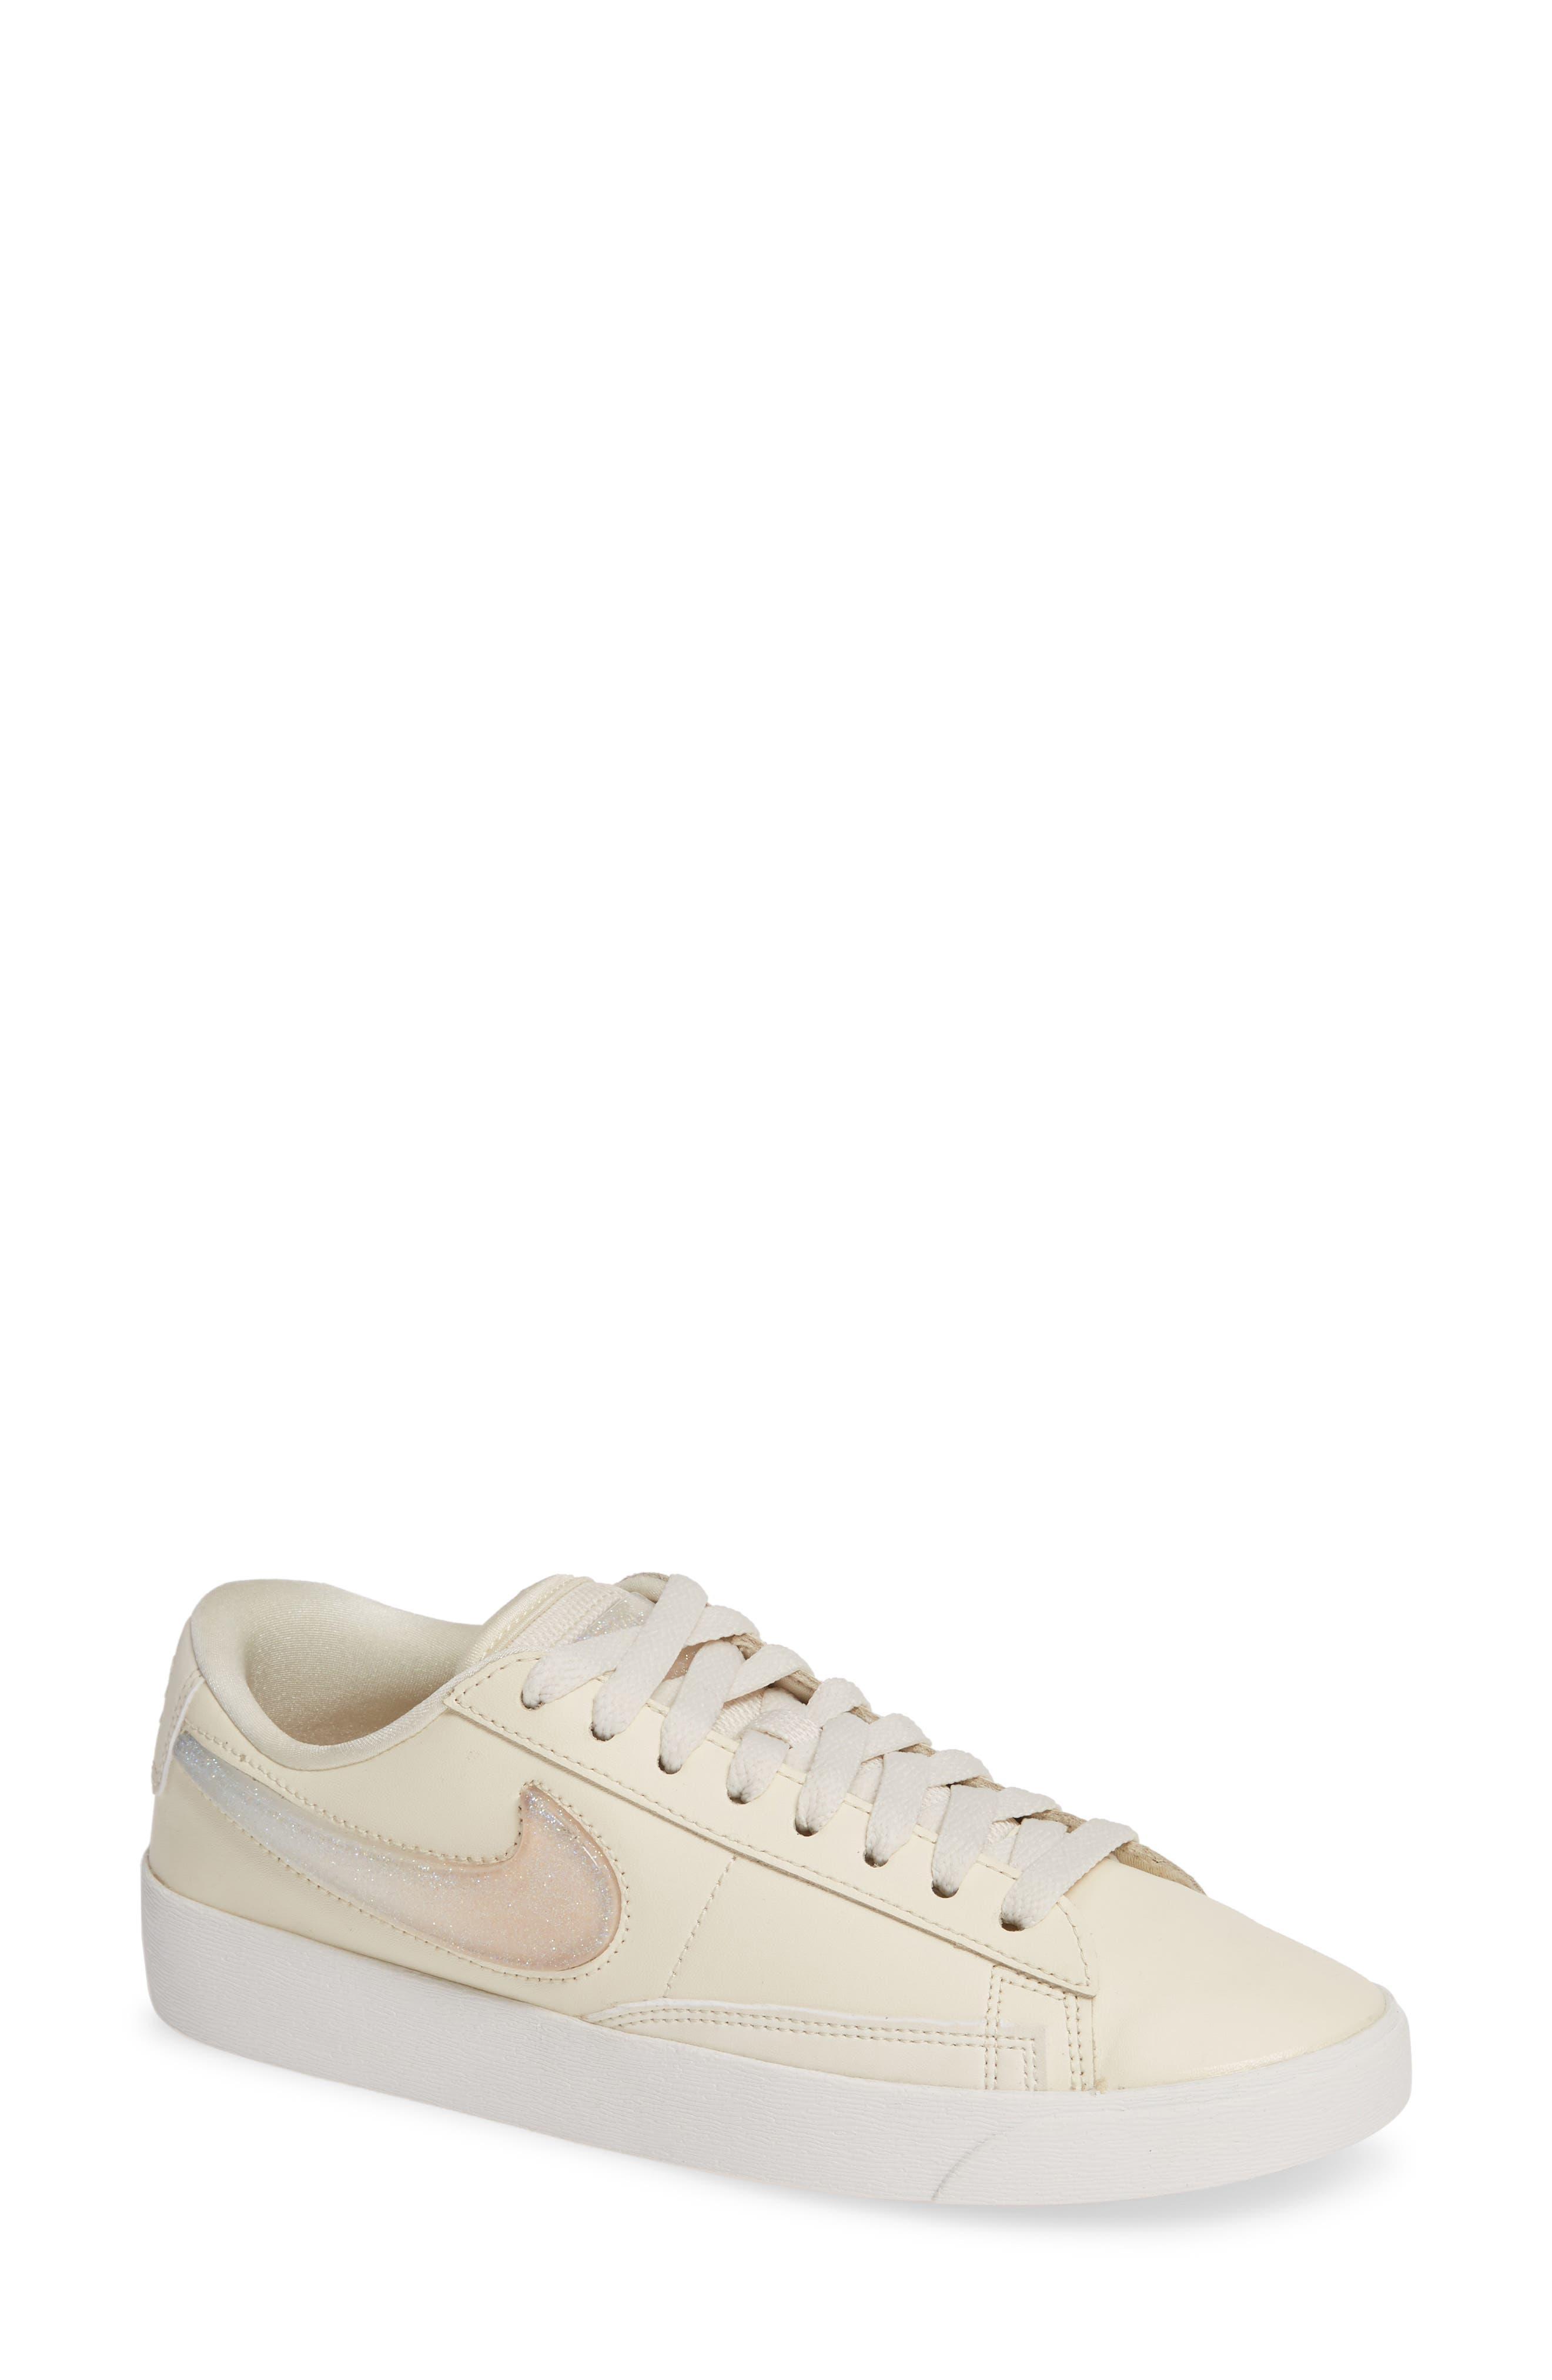 hot sale online ae9a0 07dec ... shopping nike blazer low lx sneaker women 77b67 5d9fc